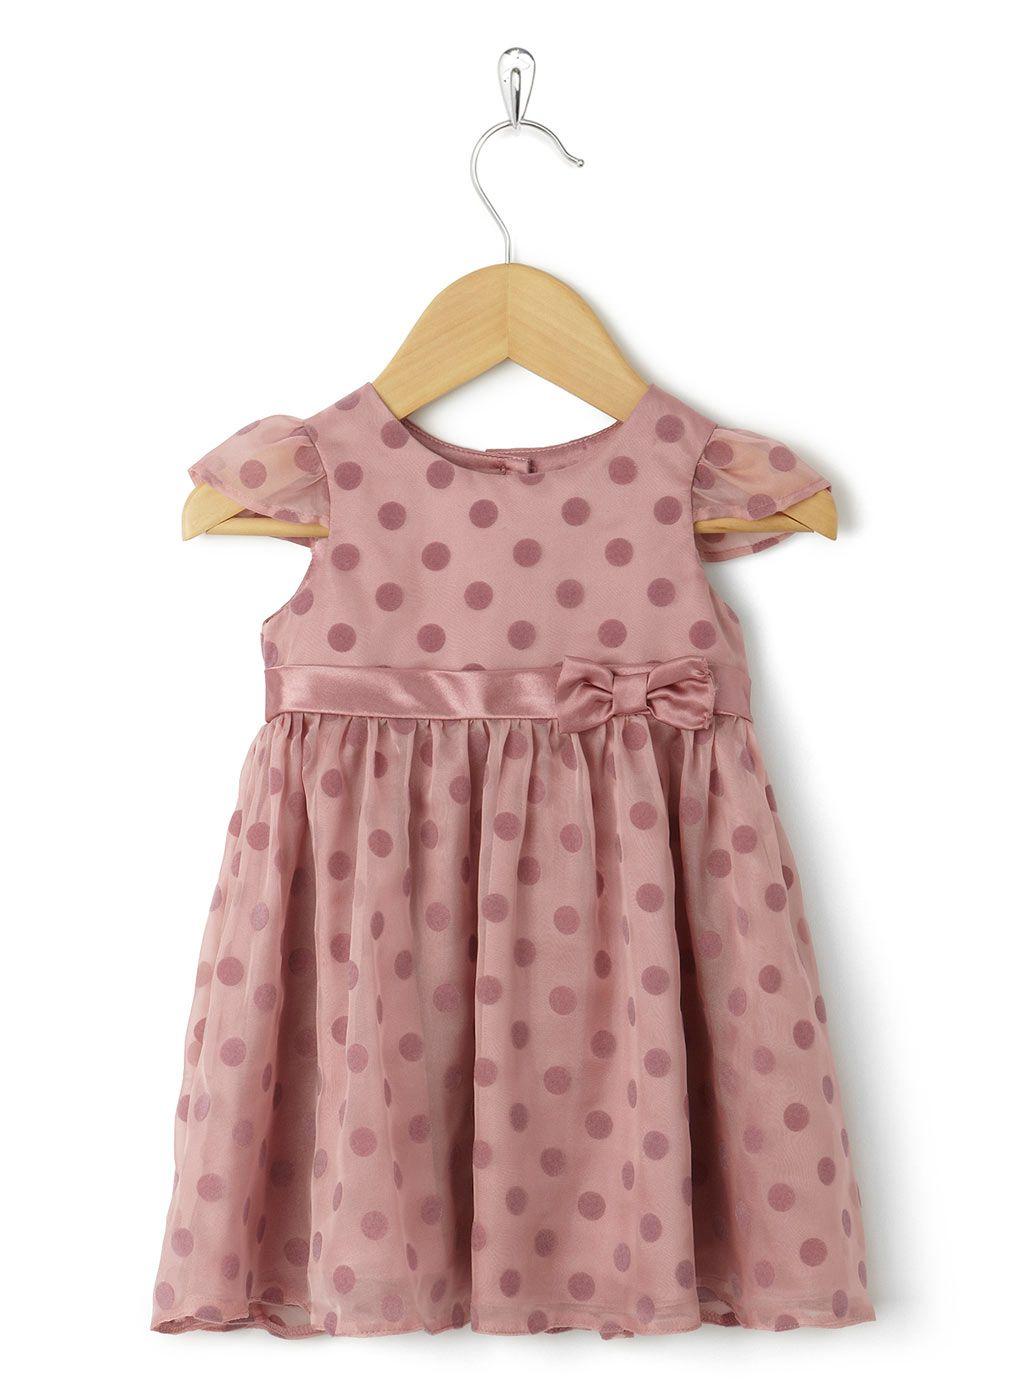 Flock Spot Dress - christening - baby & toddler (0-3) - Teens, Kids ...